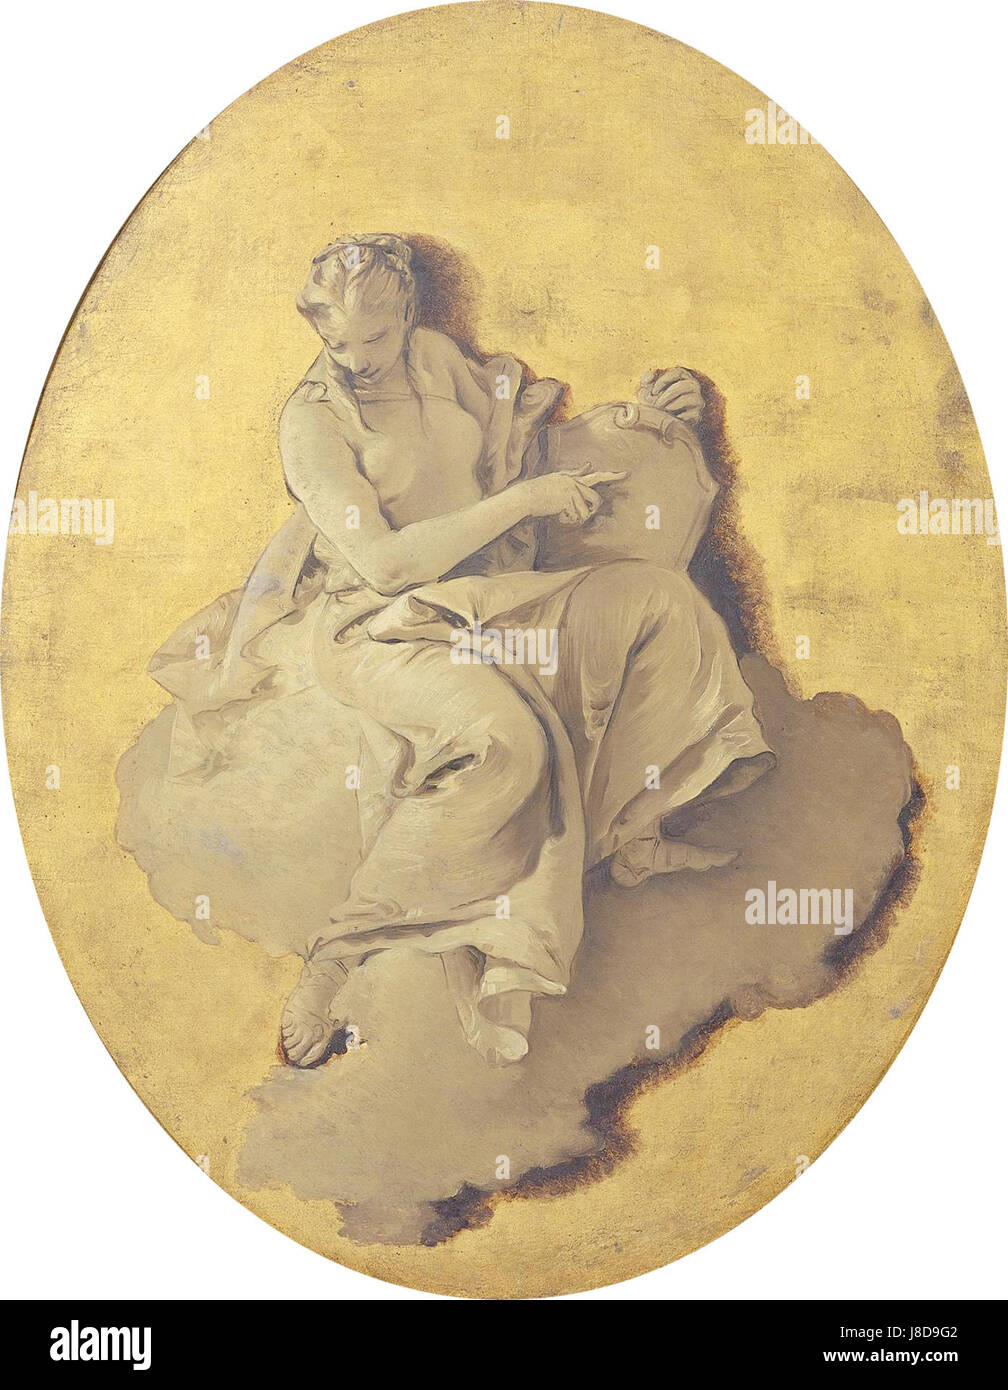 Giovanni Battista Tiepolo   Allegorische vrouwenfiguur met een schild - Stock Image